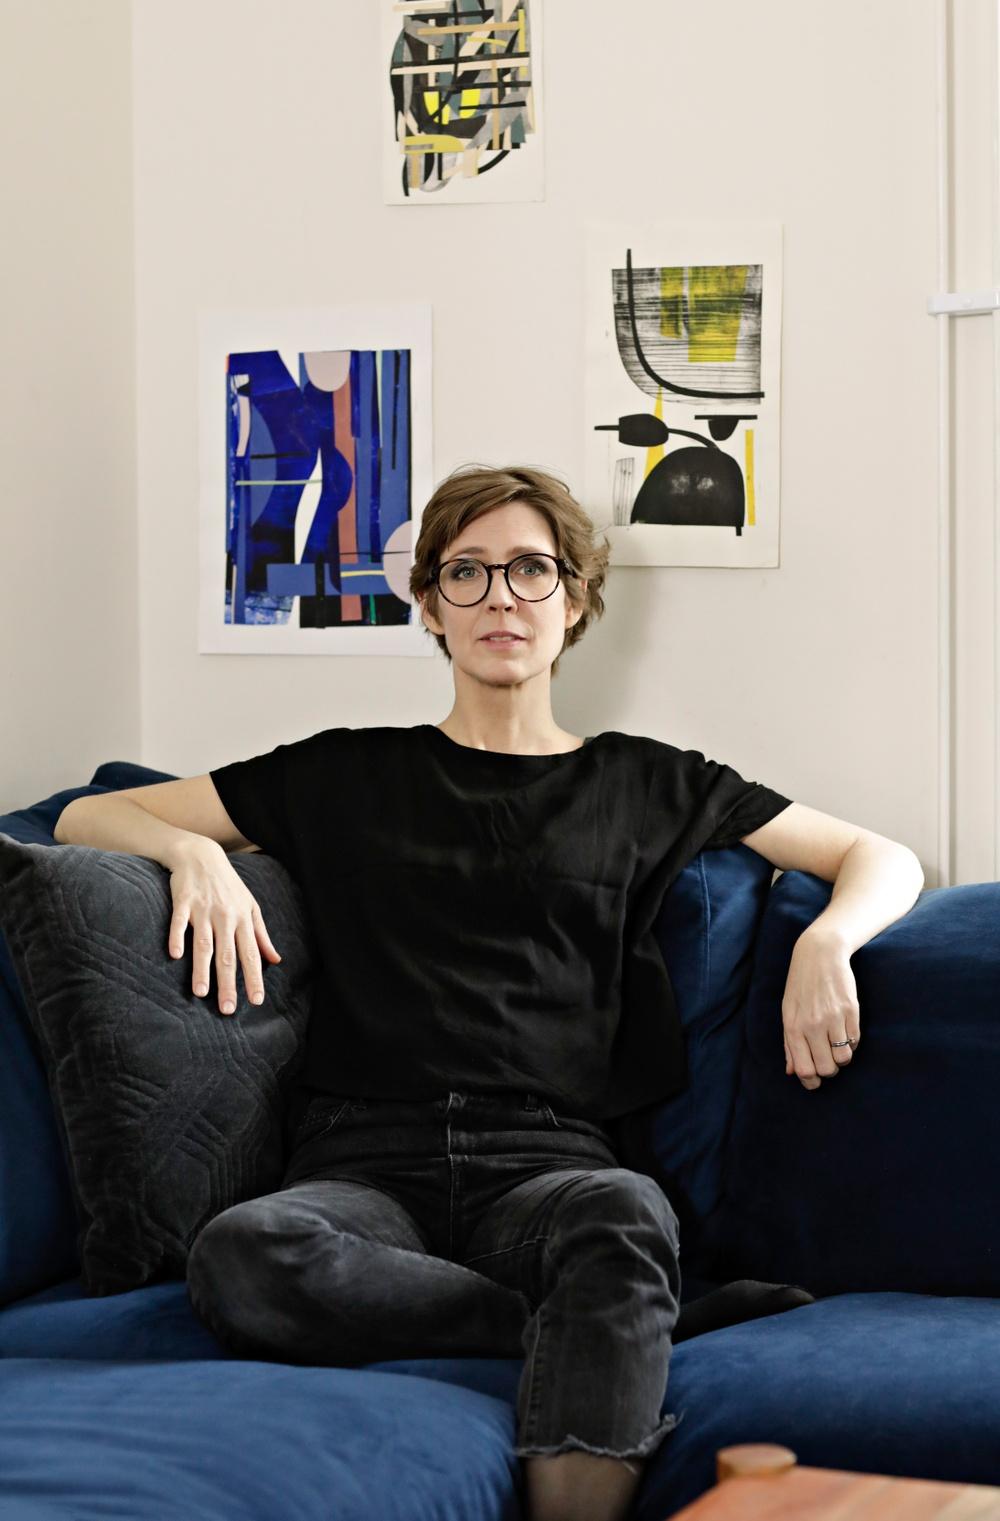 Foto: Eva Edsjö